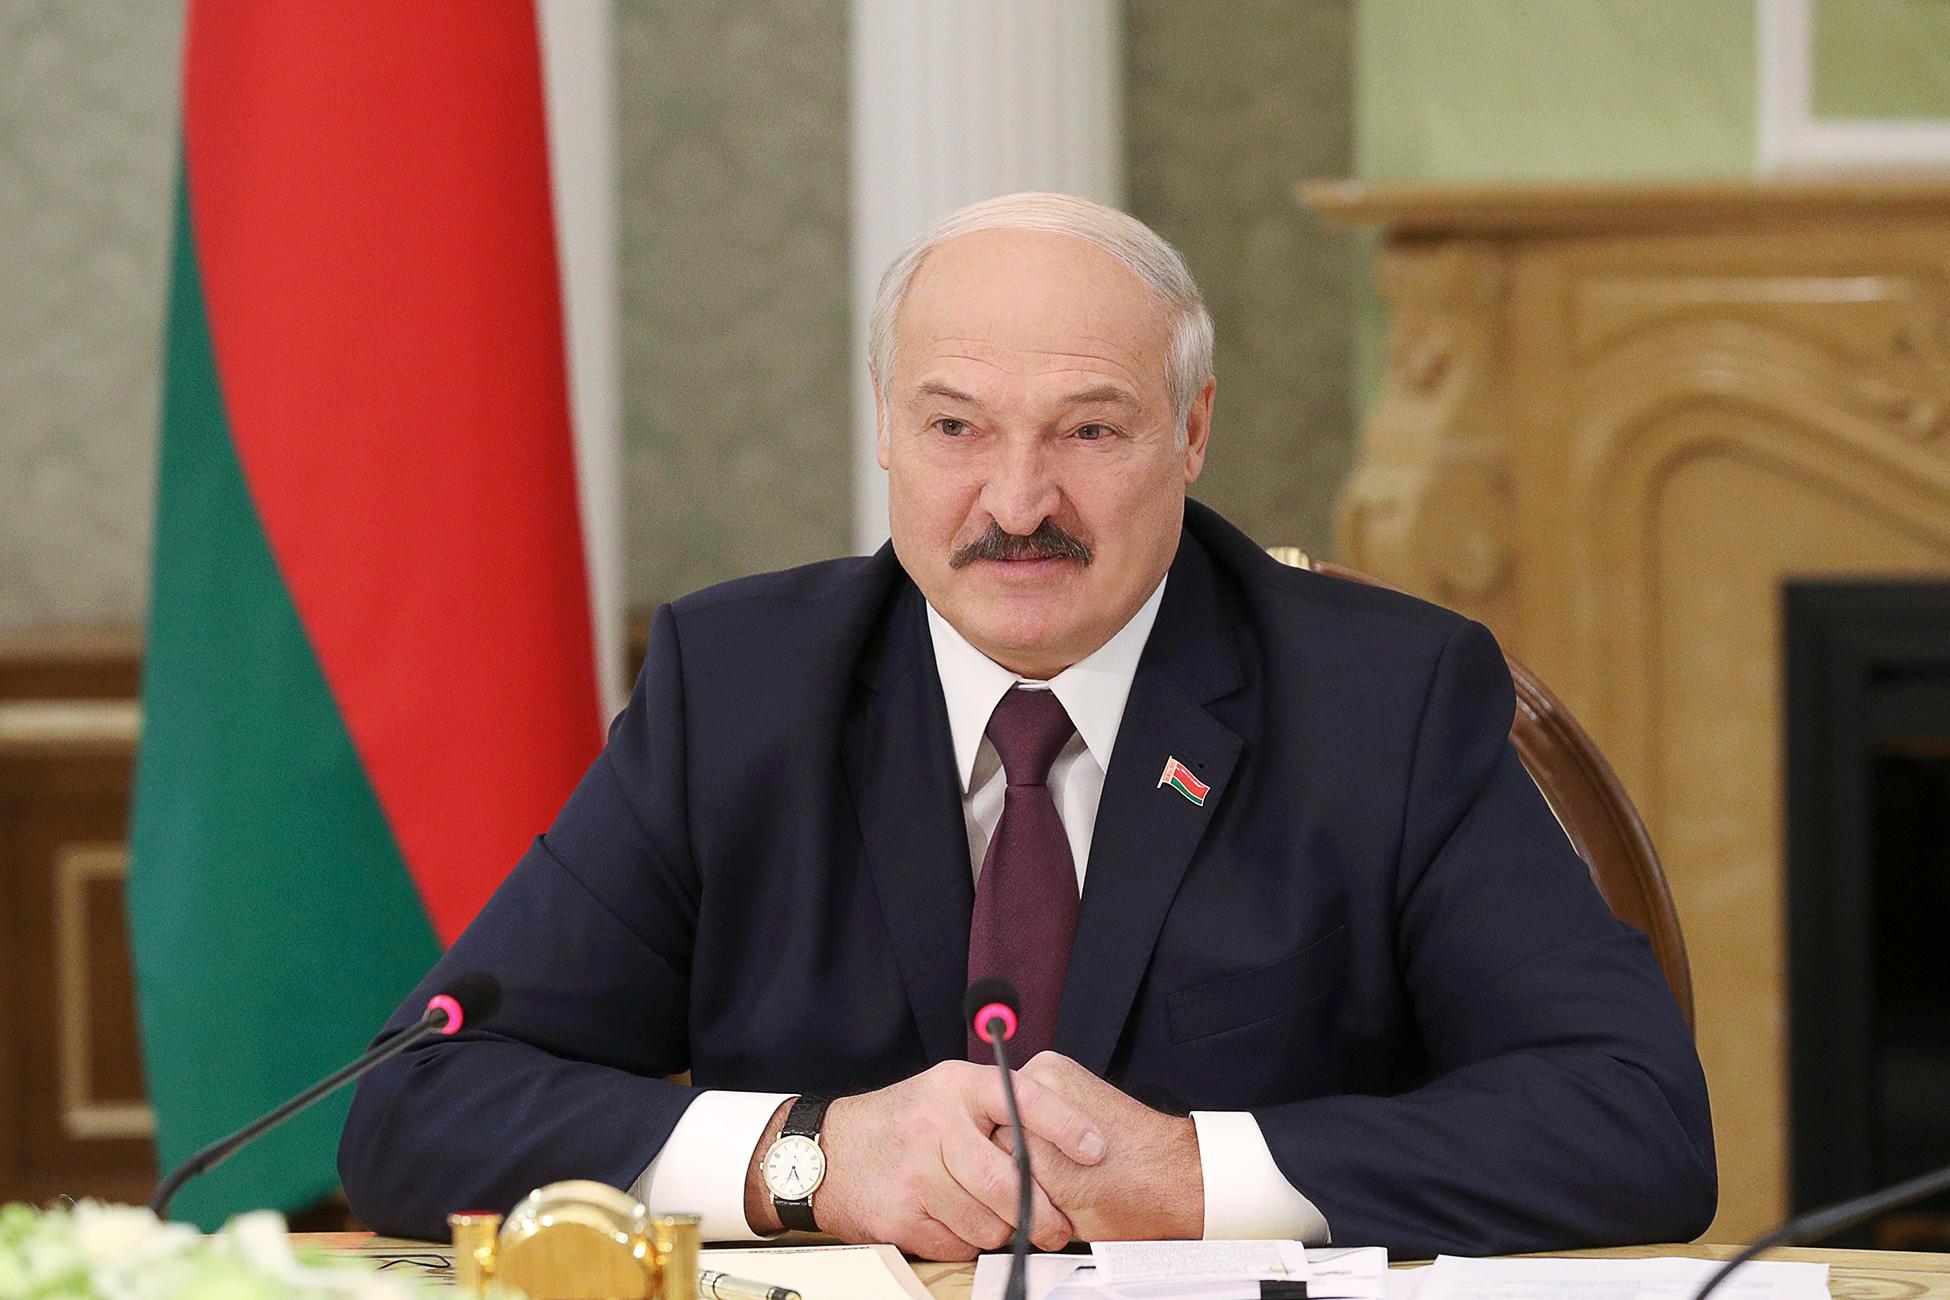 Топ лучших фраз Лукашенко в 2020 году